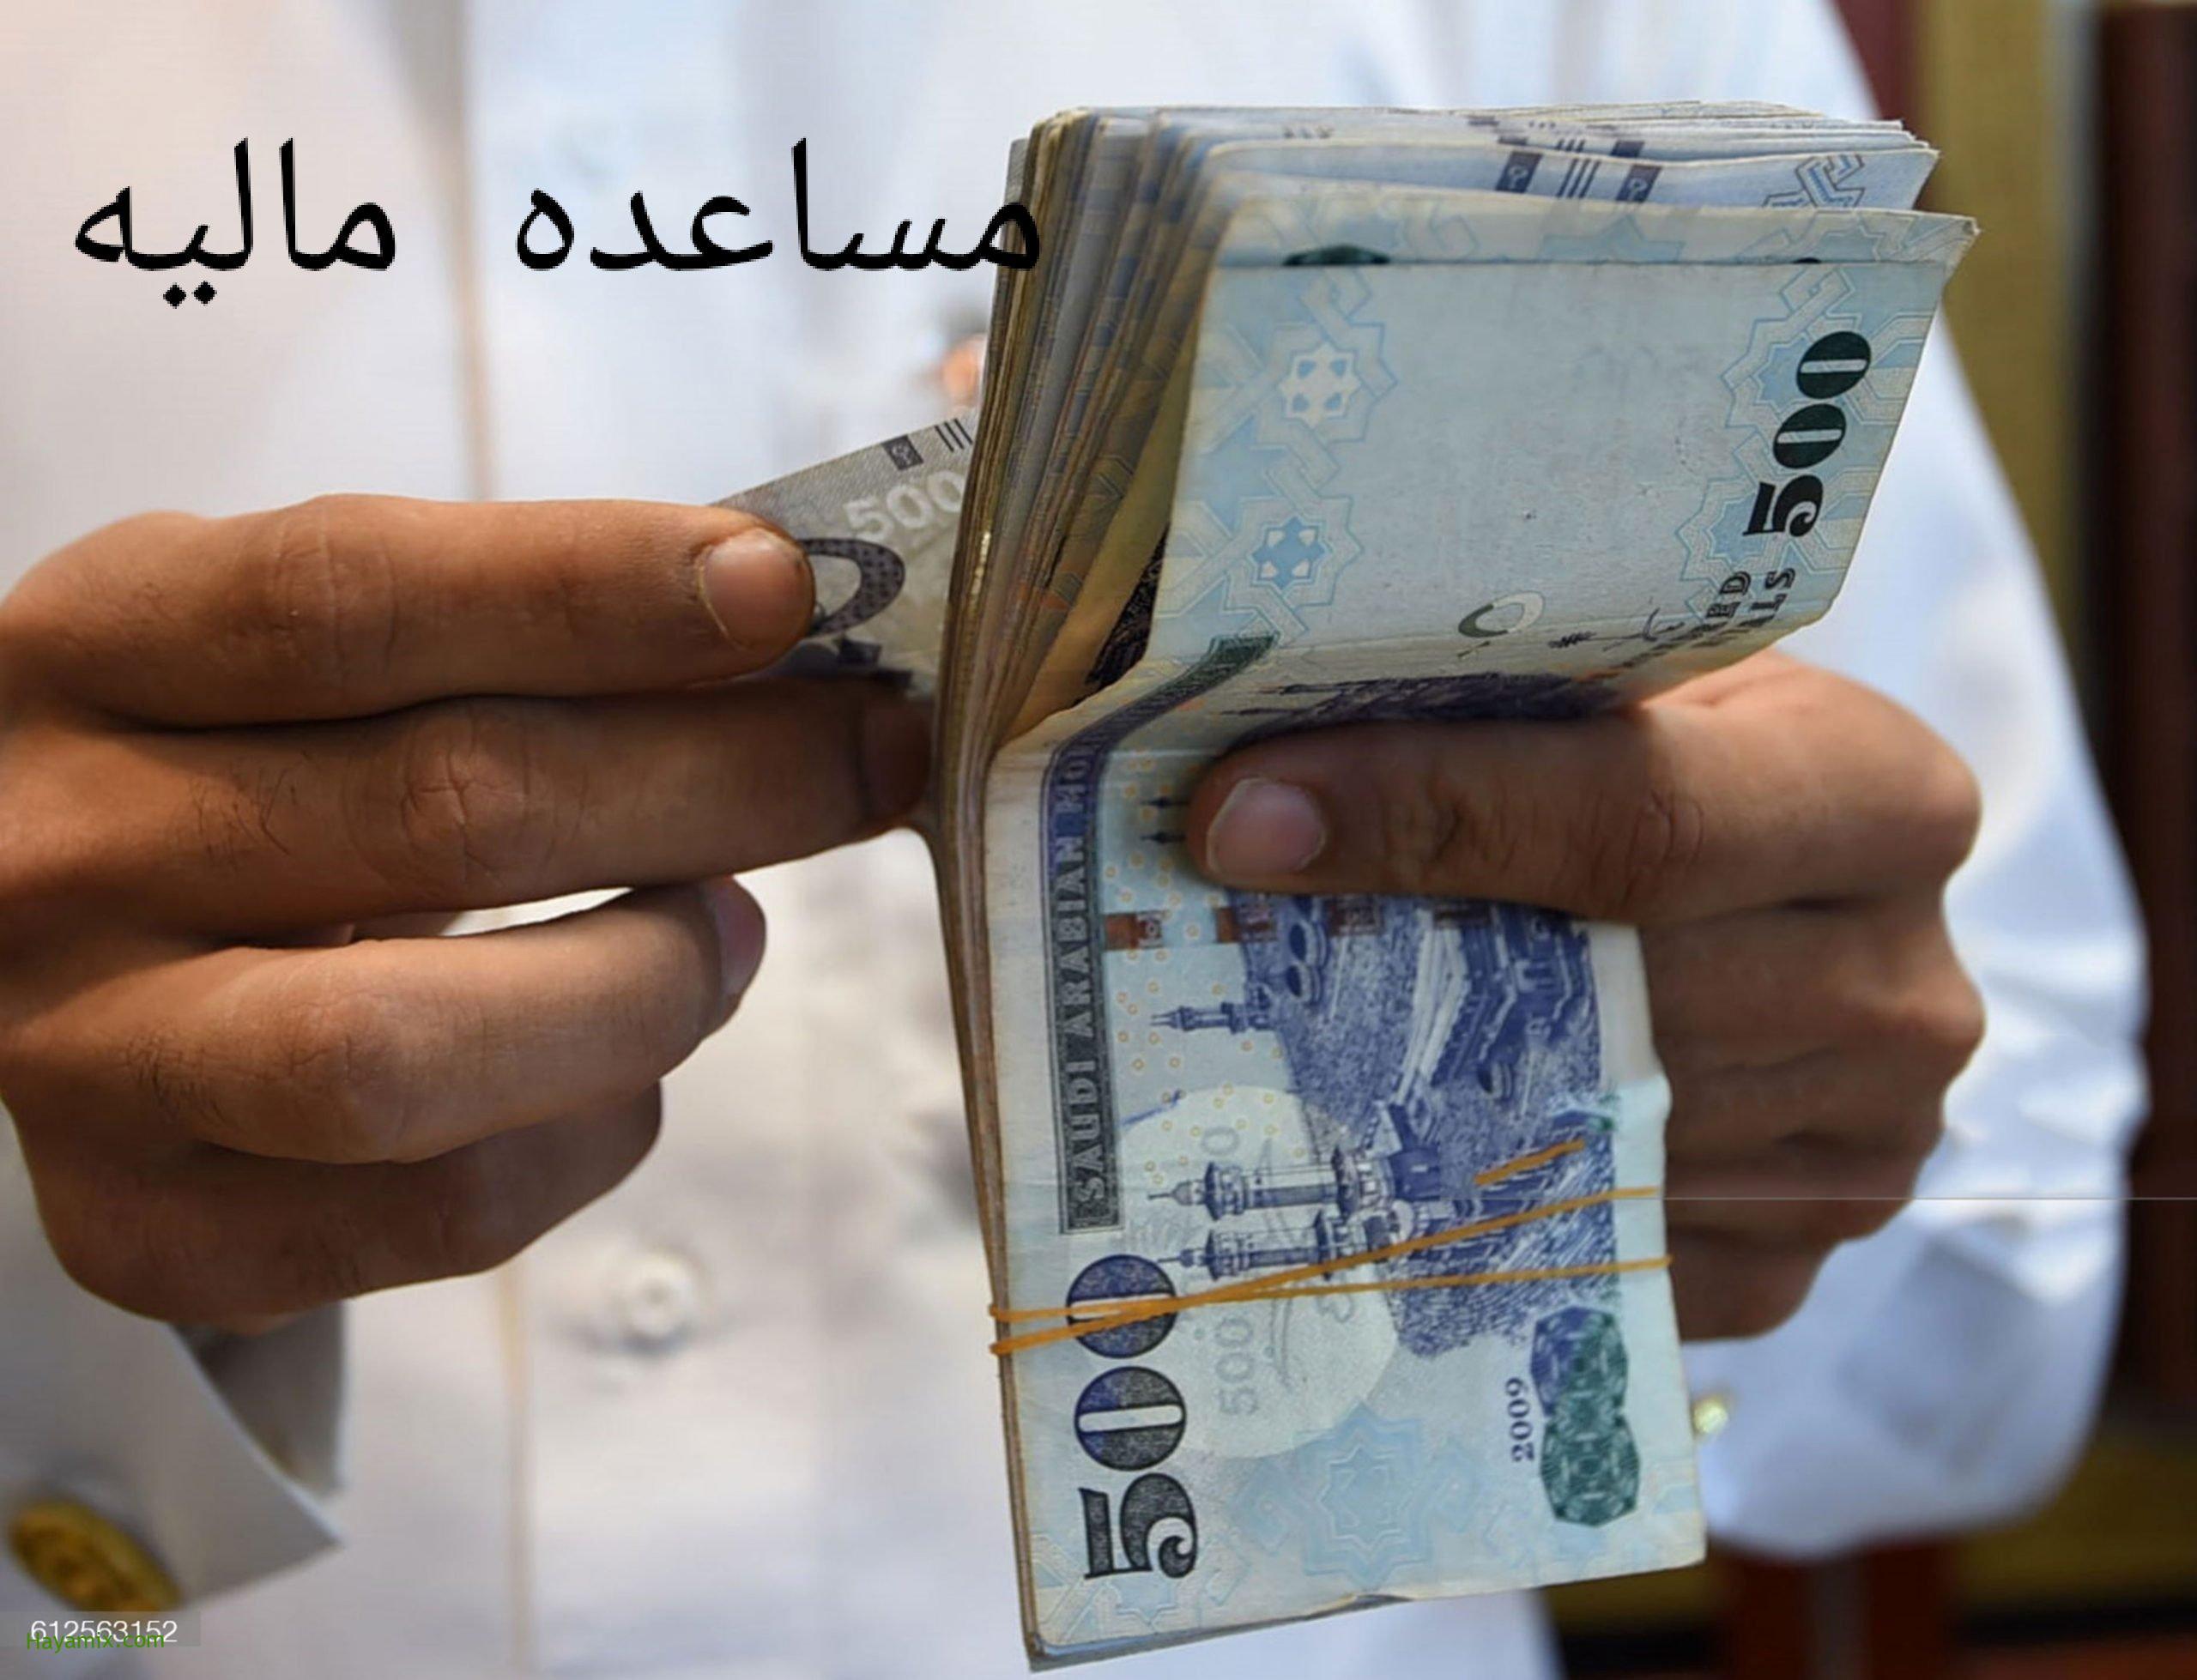 مساعدات مالية من جدة لتسديد الديون